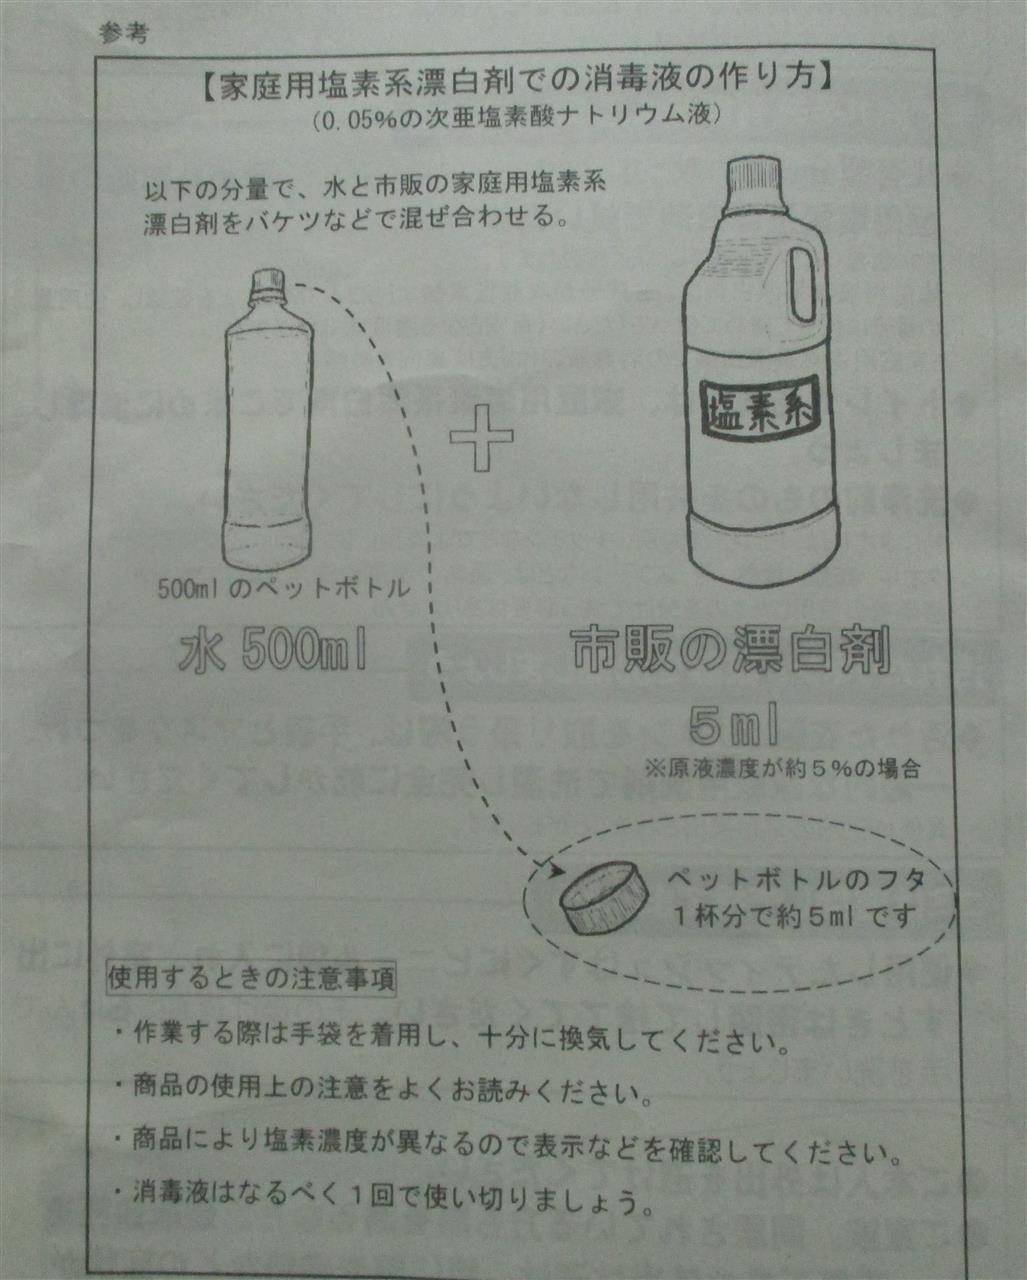 系 剤 消毒 漂白 塩素